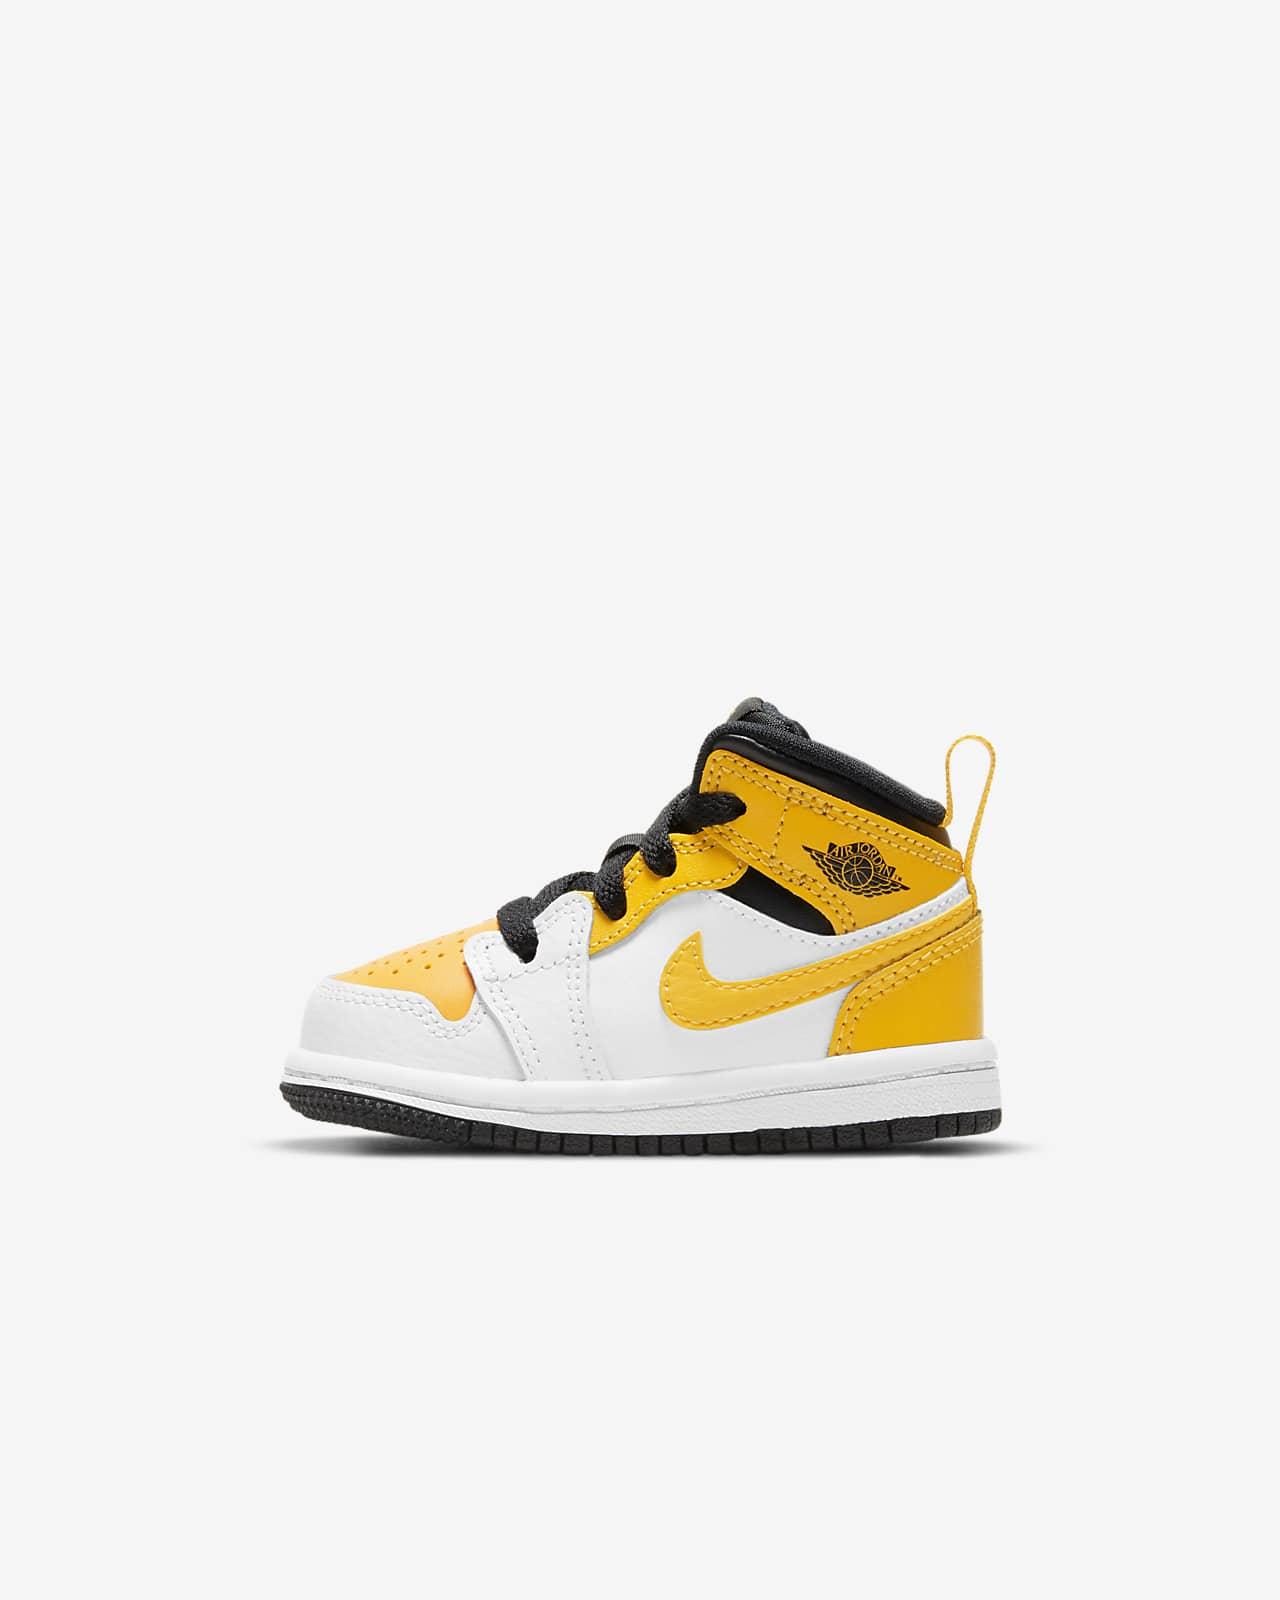 Jordan 1 Mid Infant/Toddler Shoes